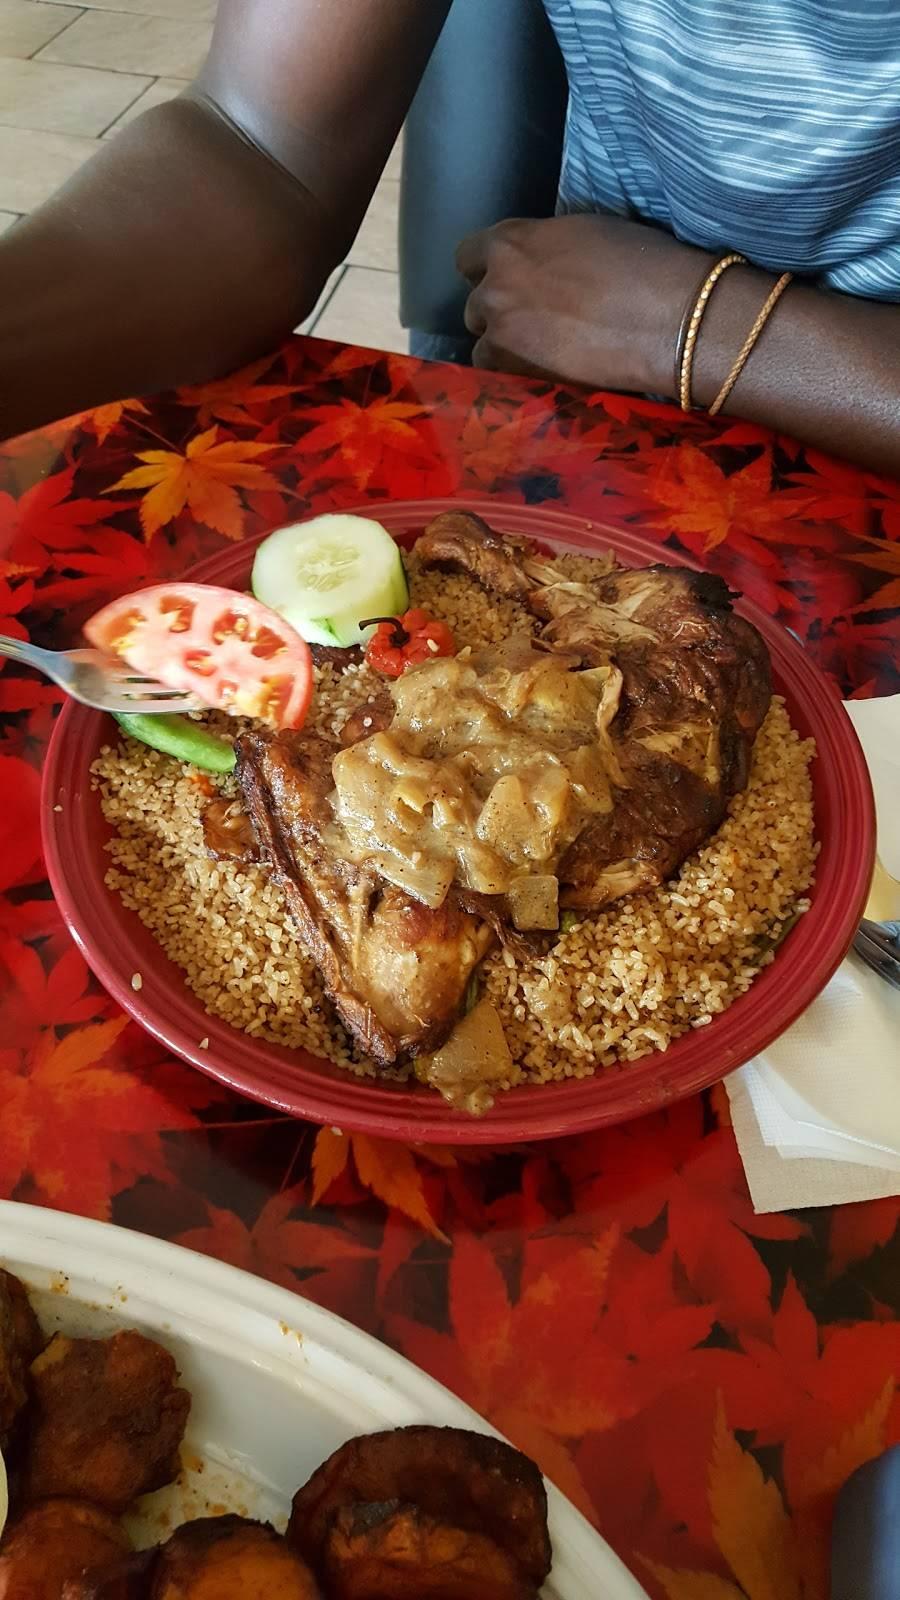 Bravo | restaurant | 1473 Westchester Ave, Bronx, NY 10472, USA | 9292631432 OR +1 929-263-1432